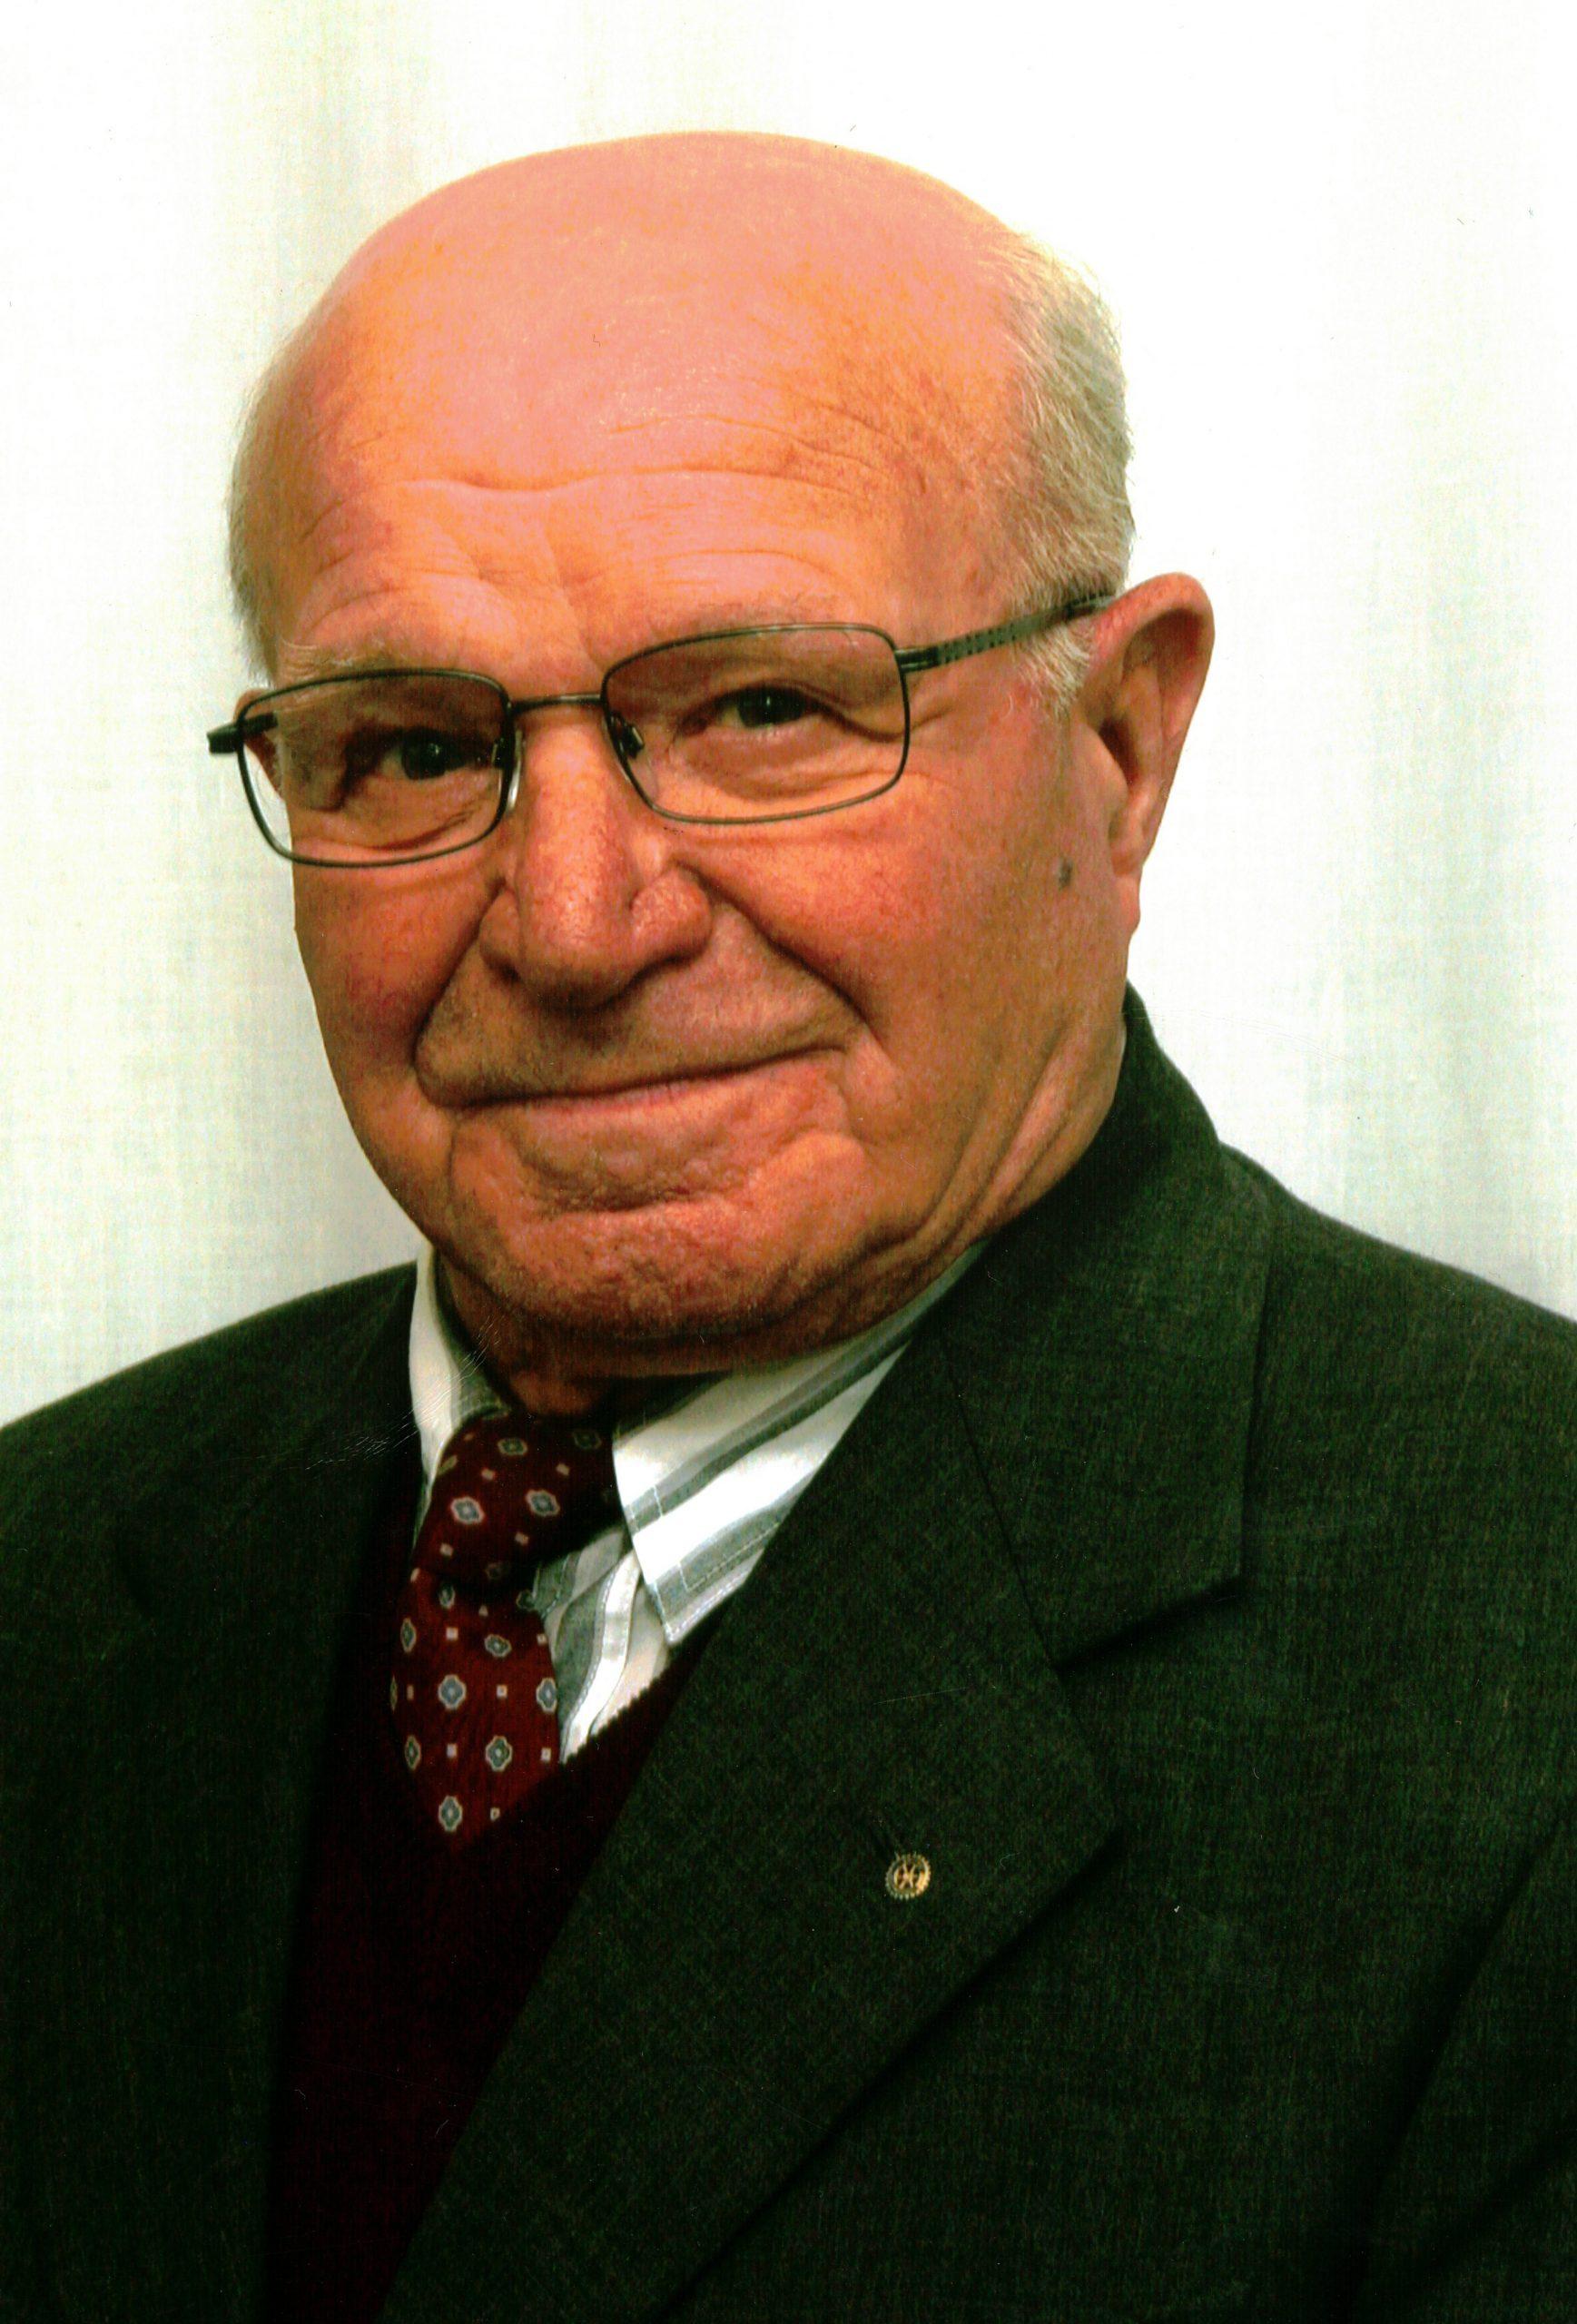 Onoranze Funebri Dotto